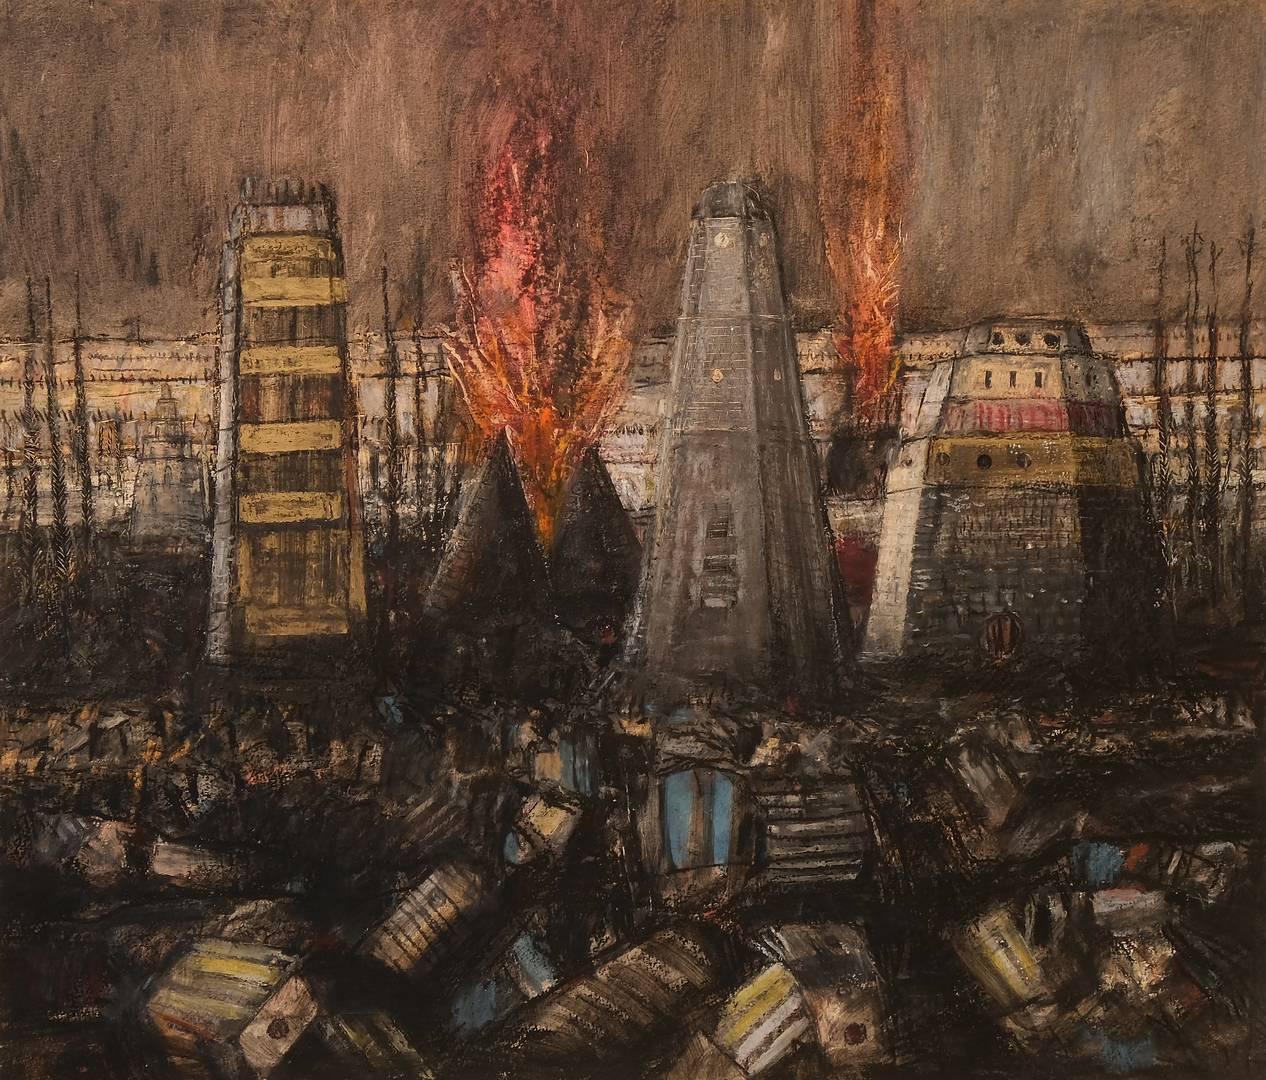 Sait Toprak, 50x50 cm, Kağıt üzerine pastel, 2012